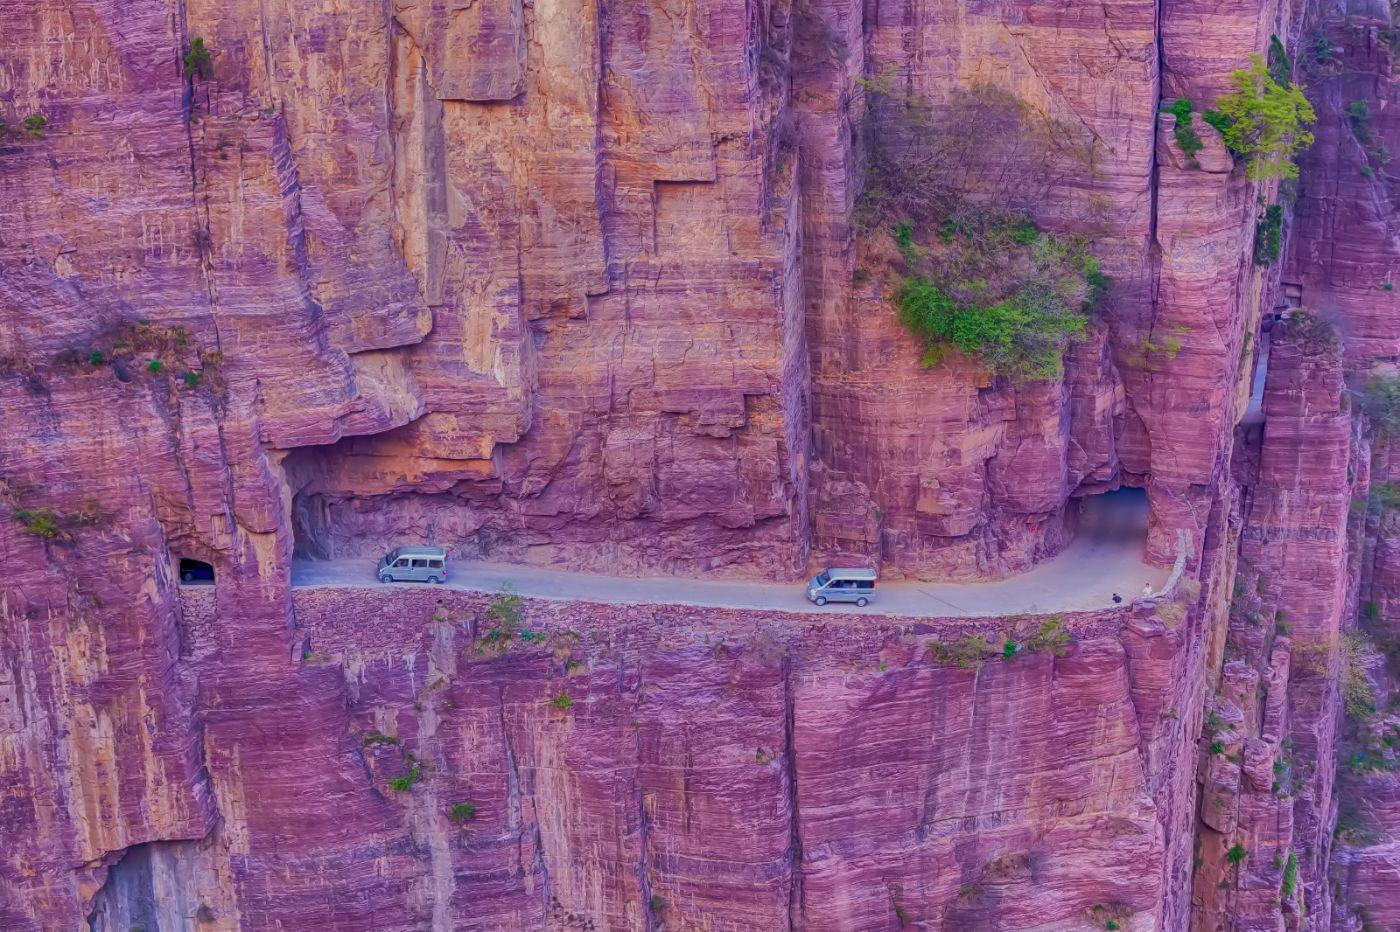 崖壁上的古村落 郭亮村 绝处也有风景_图1-8